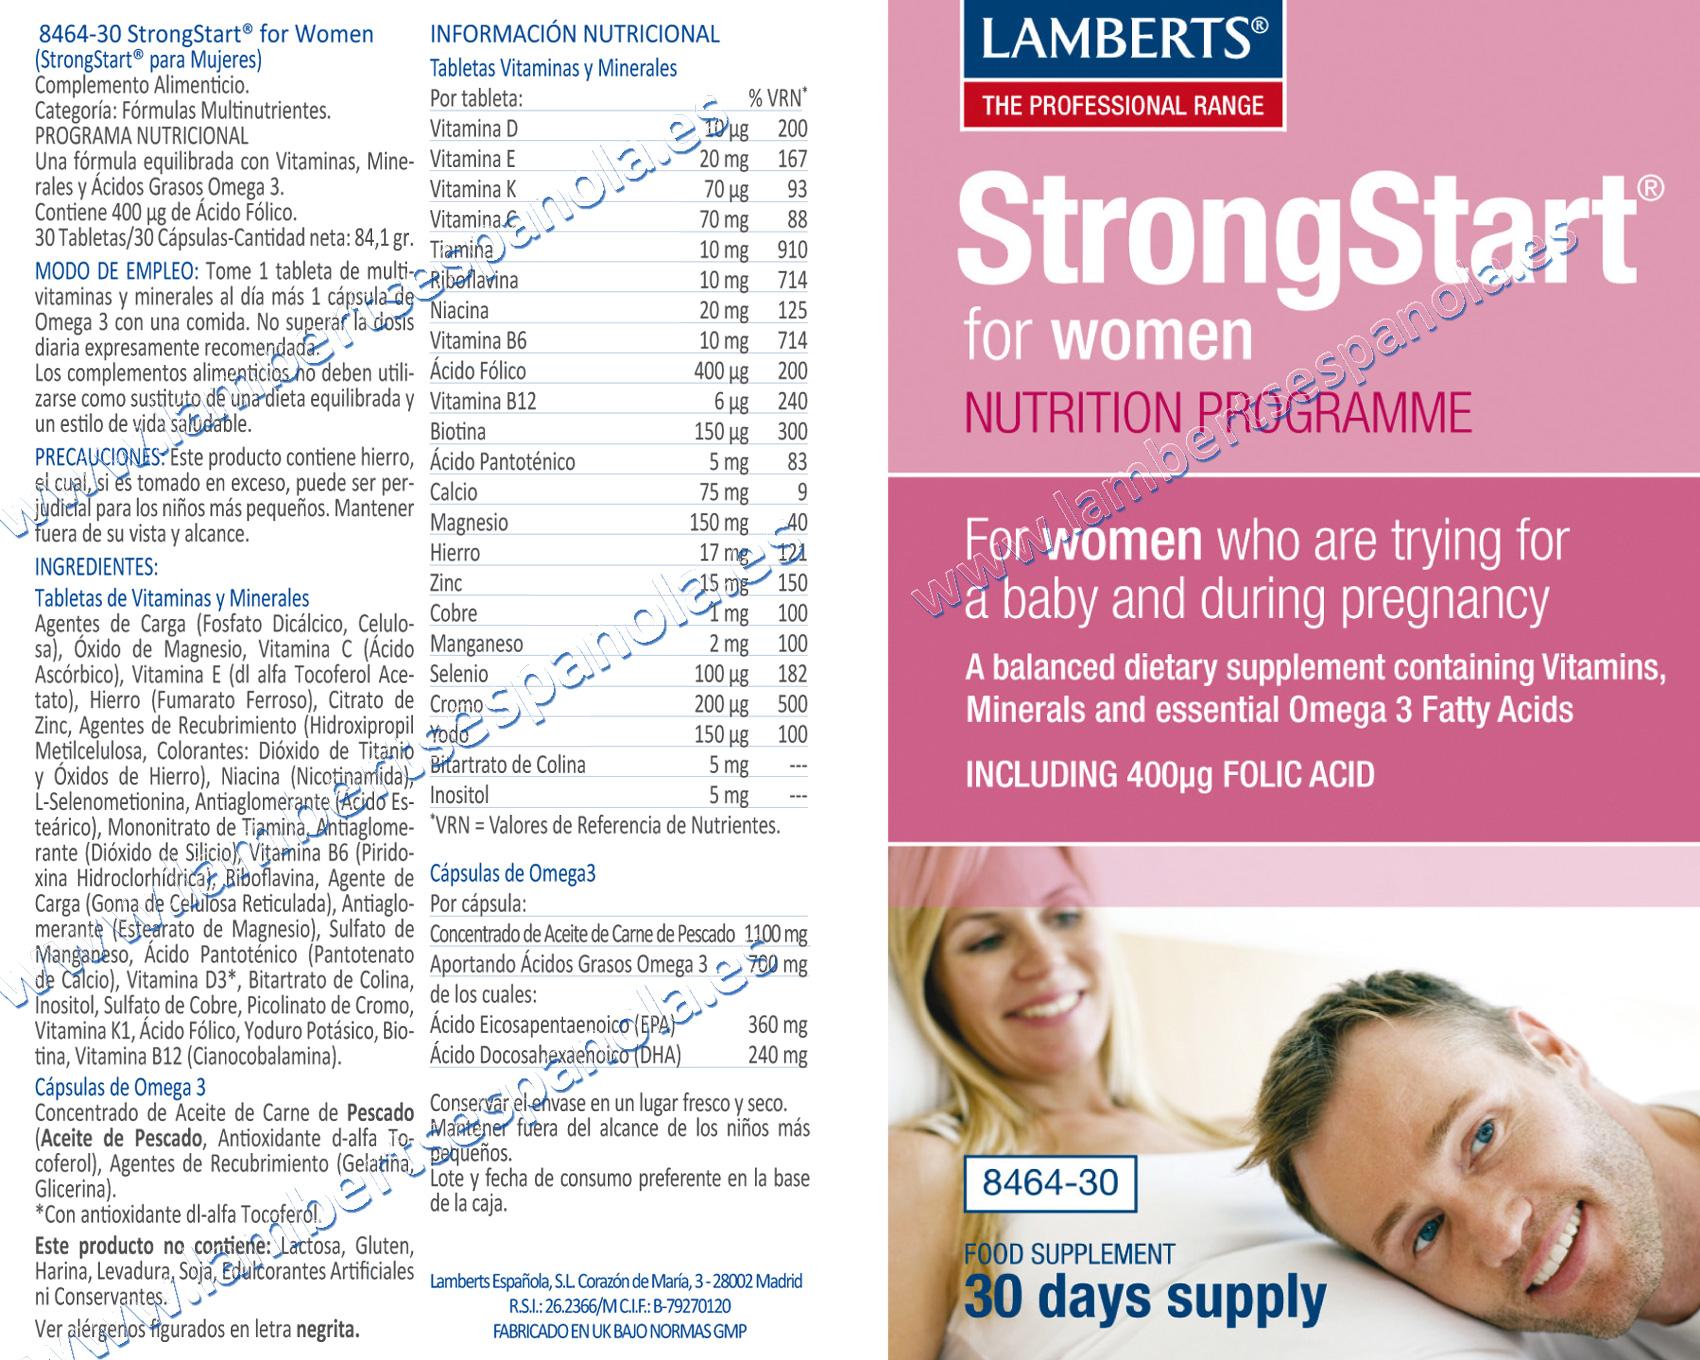 Strong Start para mujeres